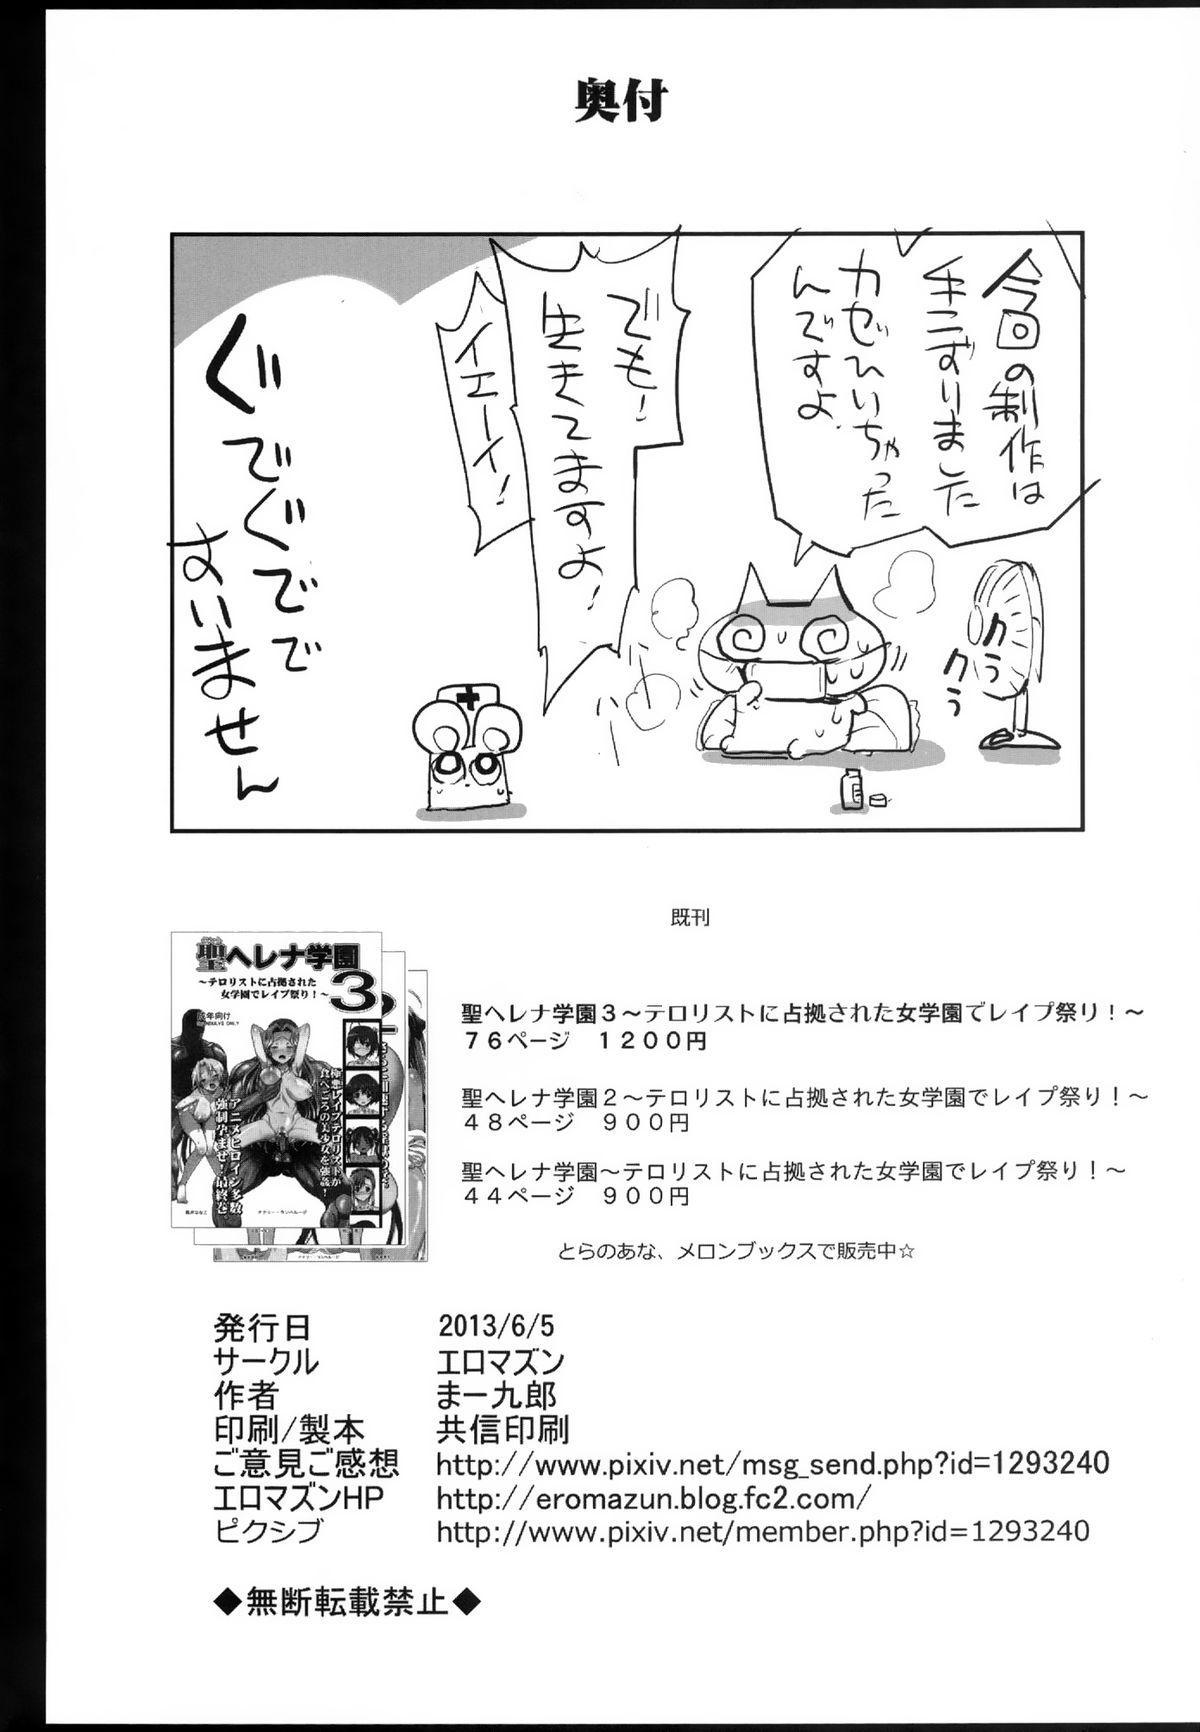 Ibara kasen, Soap ni Shizumu. | Kasen Ibaraki, Sinks into SOAP. 41